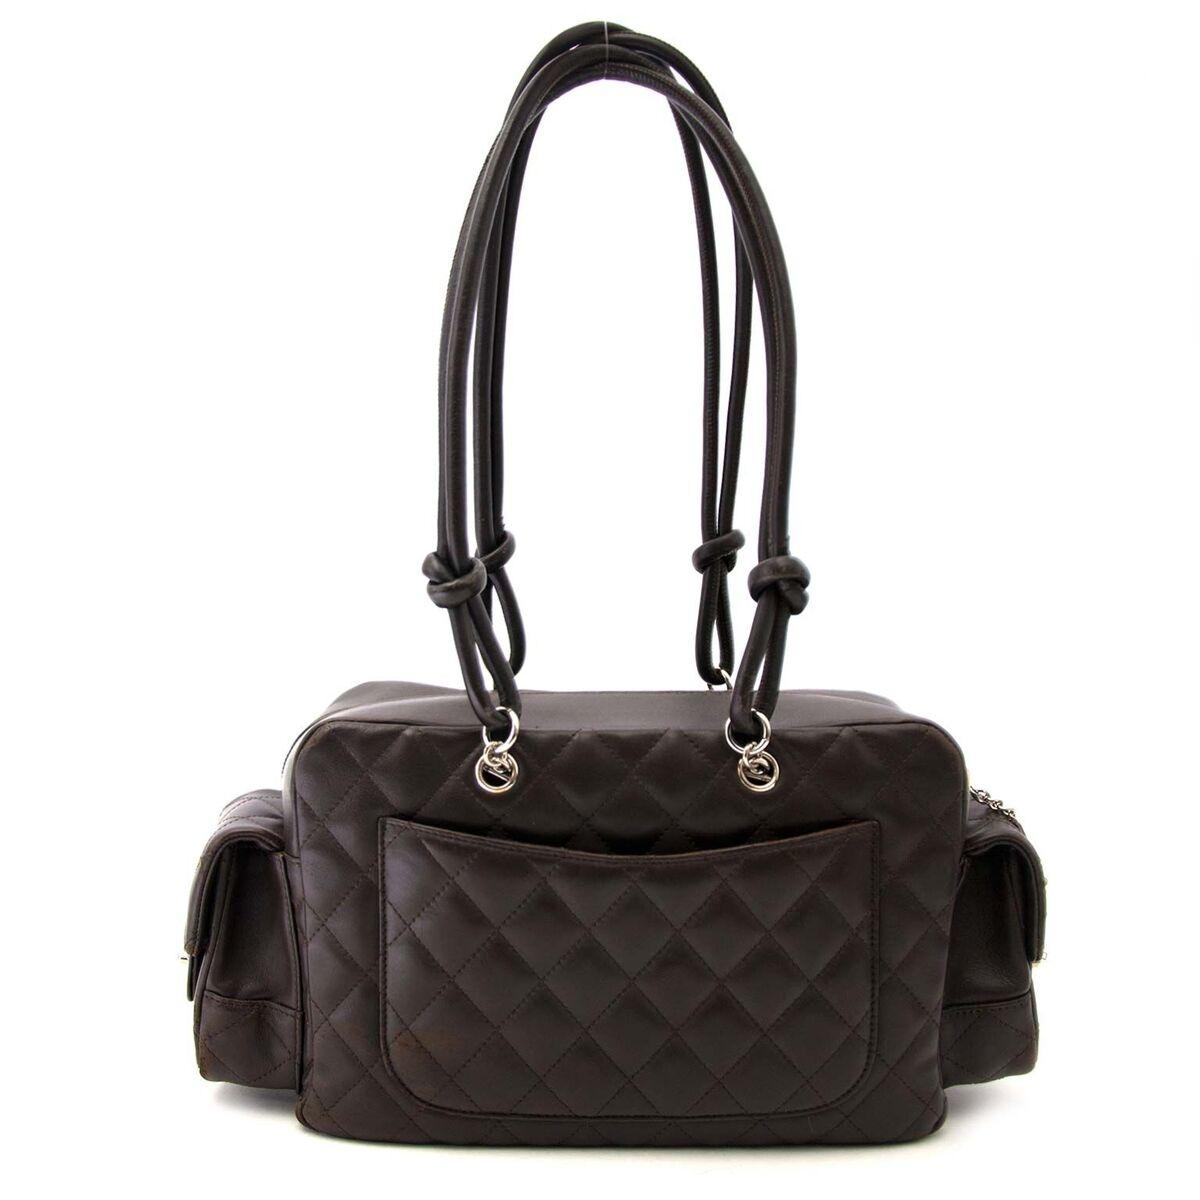 Koop authentieke tweedehands Chanel bruin zakken tas aan een eerlijke prijs bij LabelLOV. Veilig online shoppen.